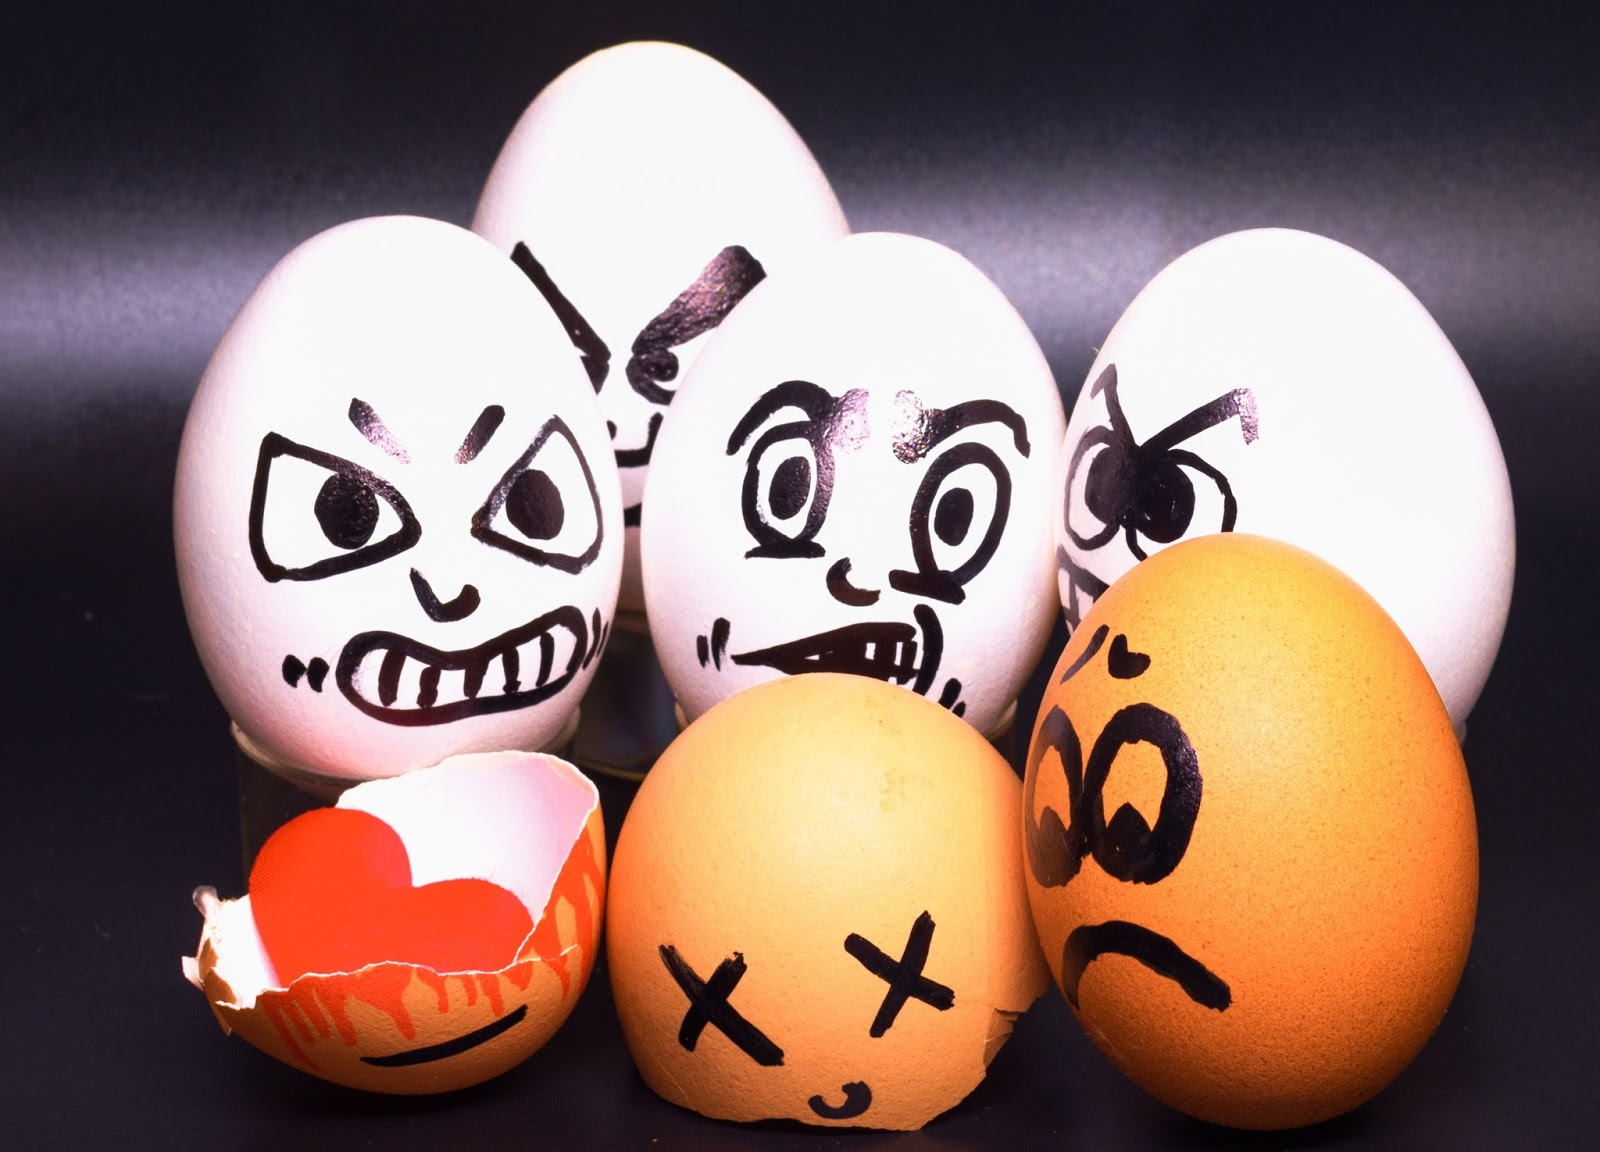 NOVO MOVIMENTO DEMOCRÁTICO : Popper, o paradoxo da tolerância, o ovo da  serpente e o ovo de galinha